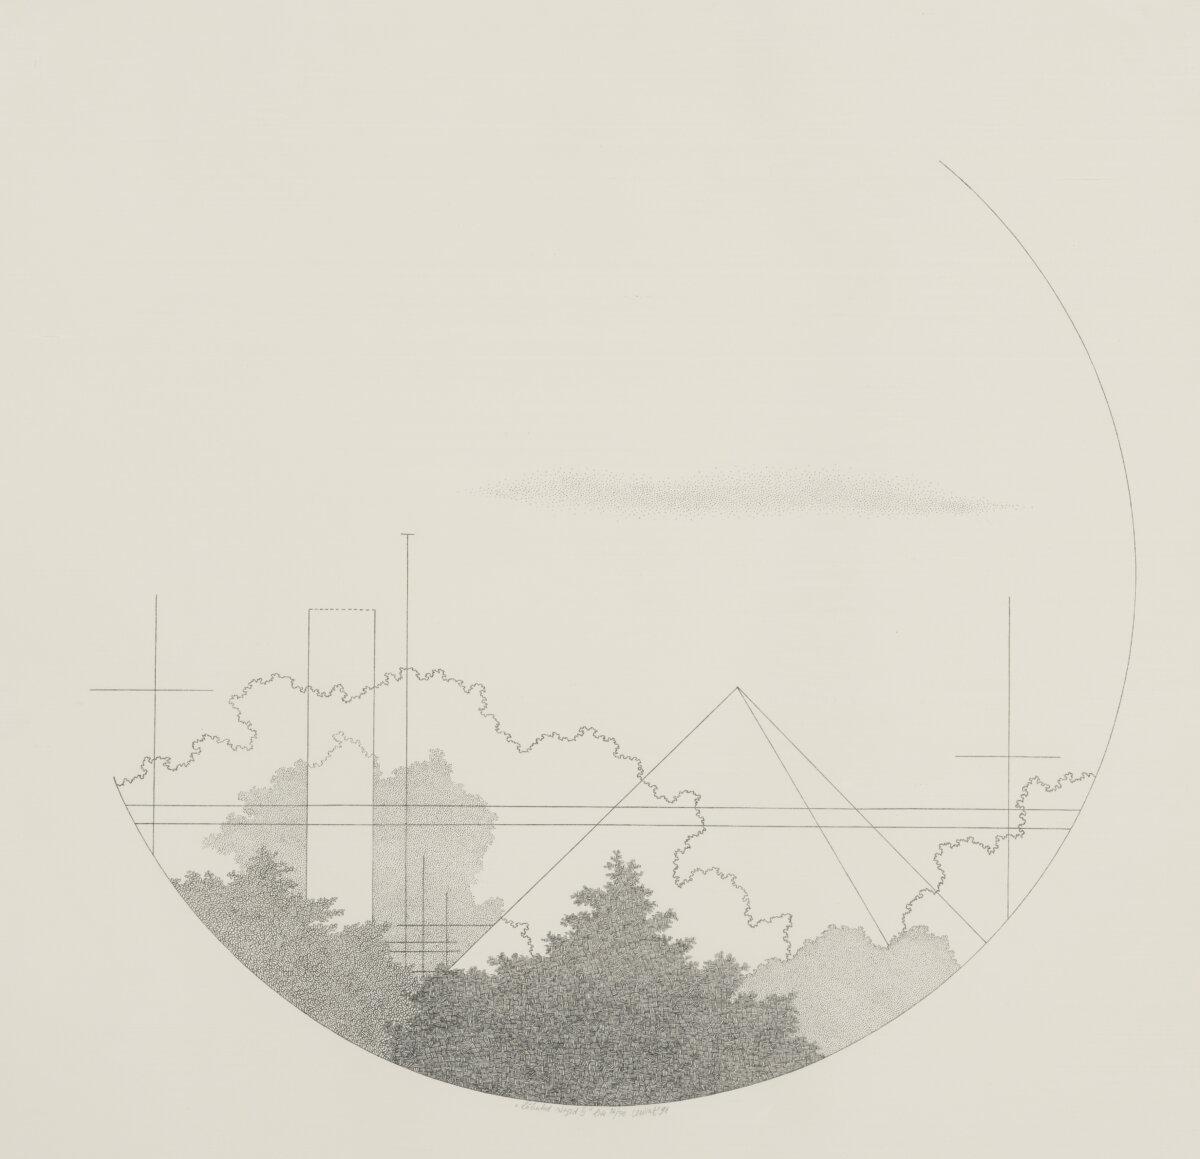 Mare-Vint-graafika-Lõhutud-ringid-müüa